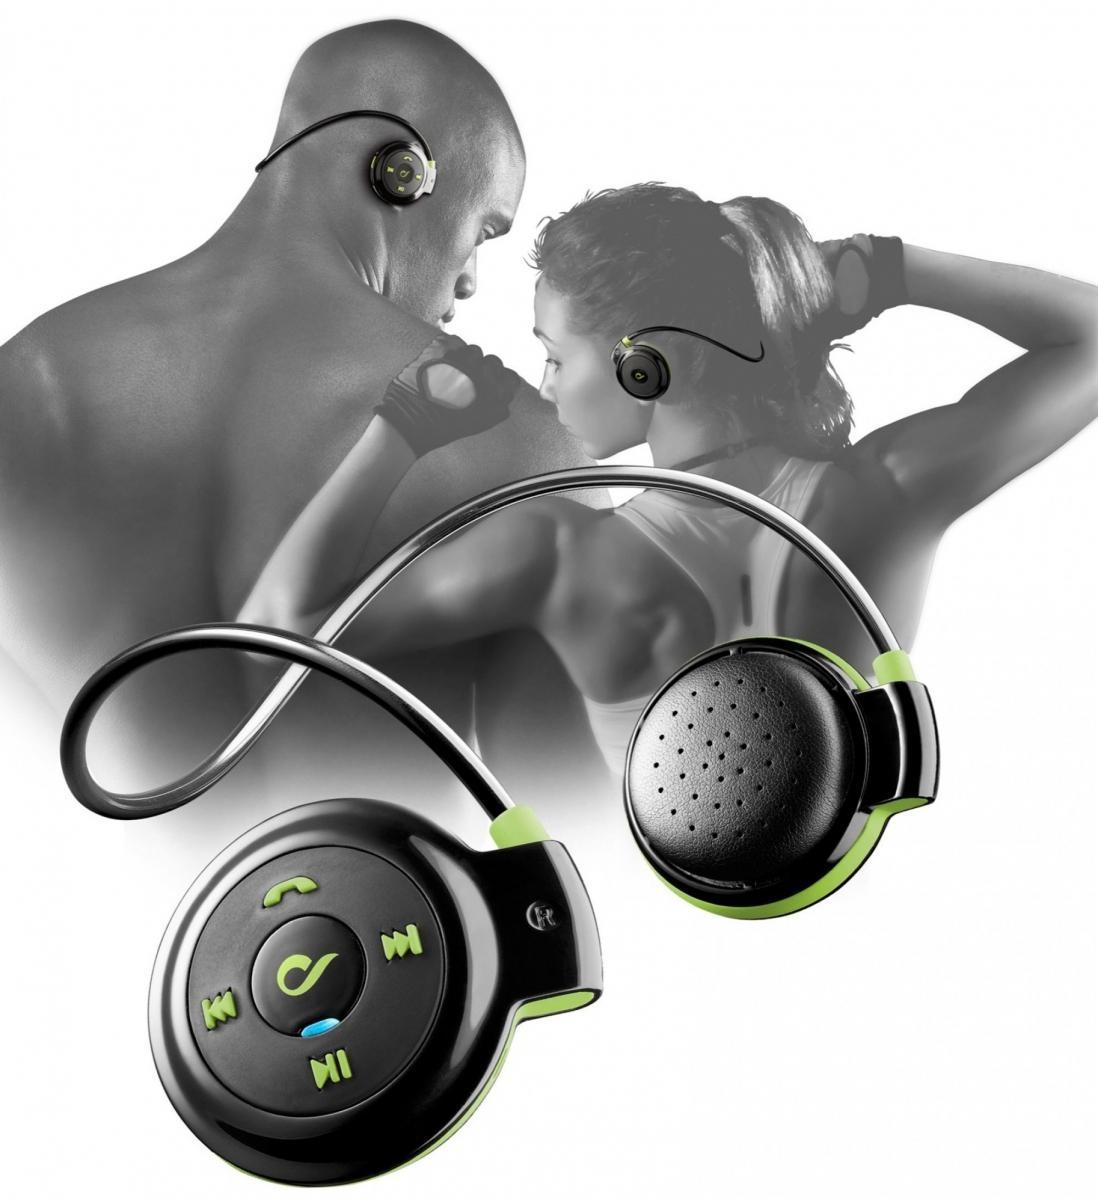 Sportovní bezdrátová sluchátka CellularLine Scorpion On-Ear, Bluetooth, černo-zelená BTSCORPON